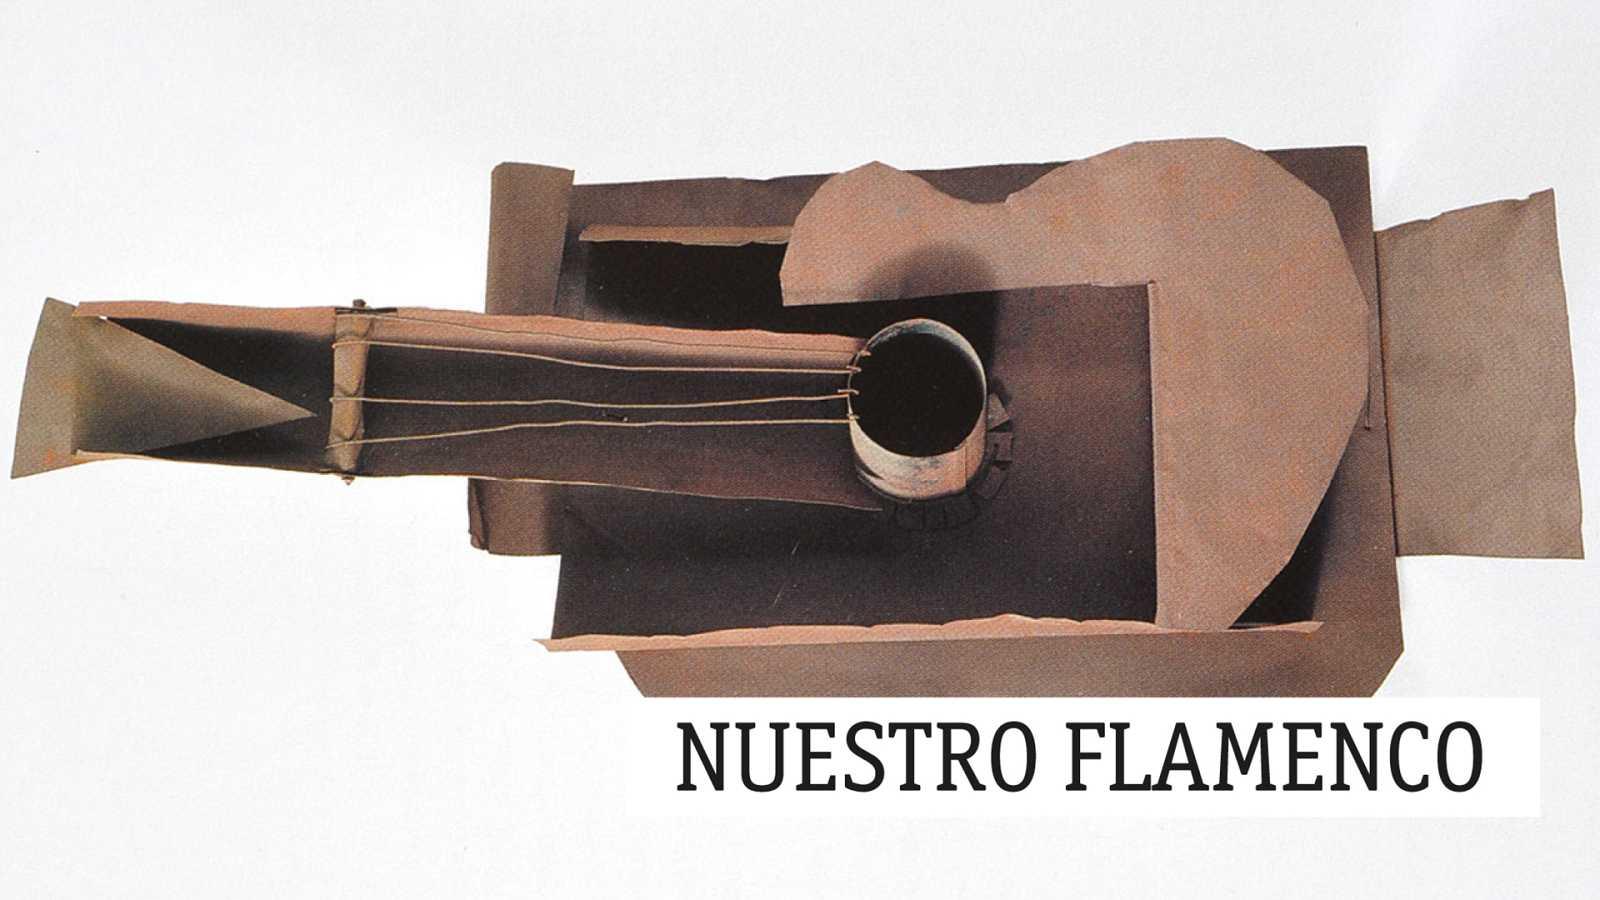 Nuestro flamenco - Jóvenes flamencos de Almería - 08/12/20 - escuchar ahora